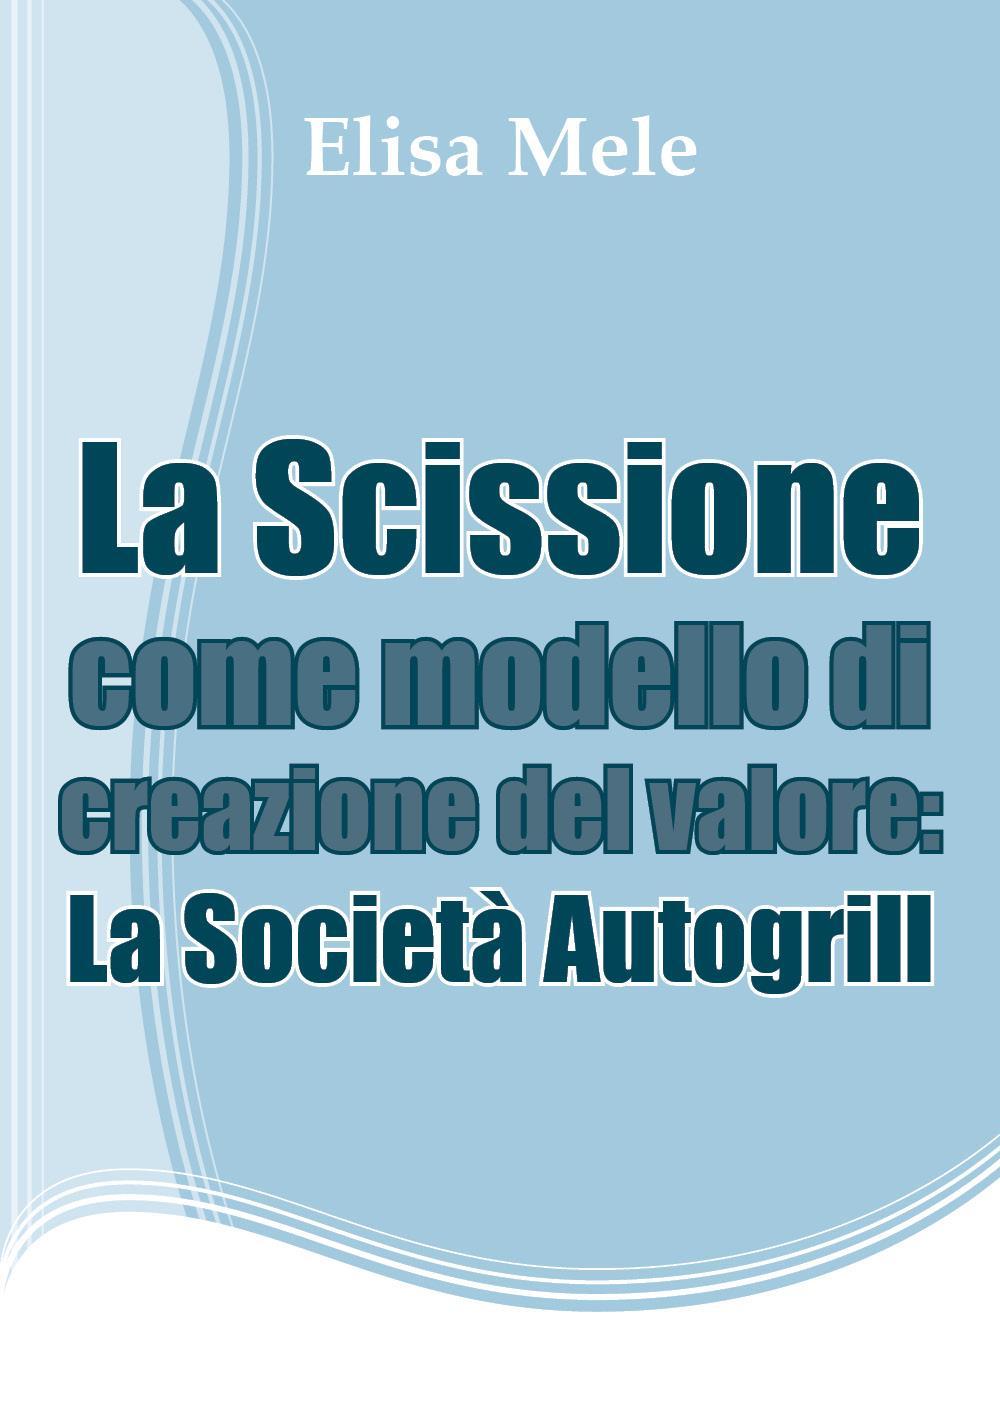 La Scissione come modello di creazione del valore: La Società Autogrill